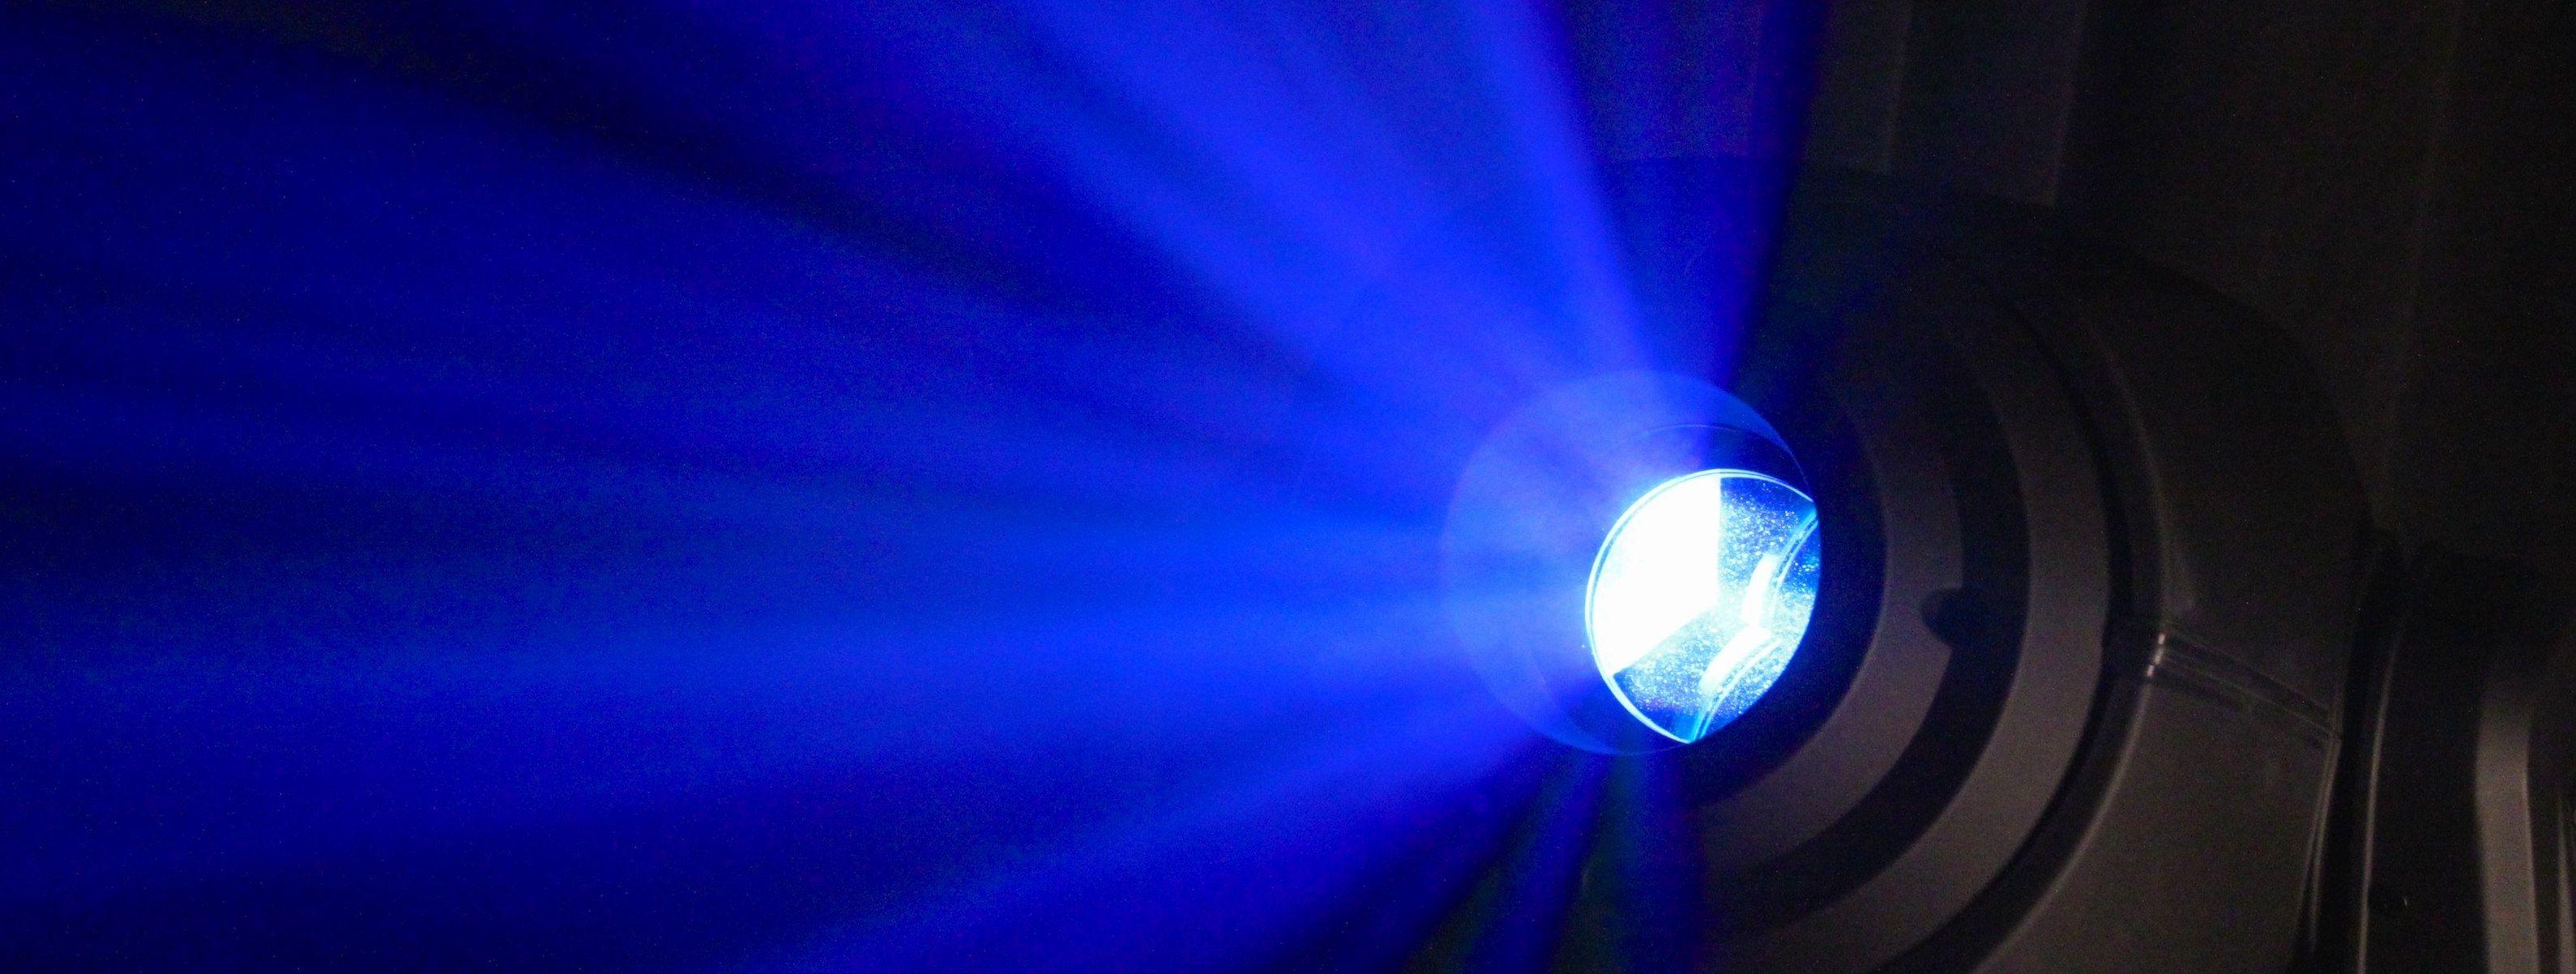 LED Moving Spot